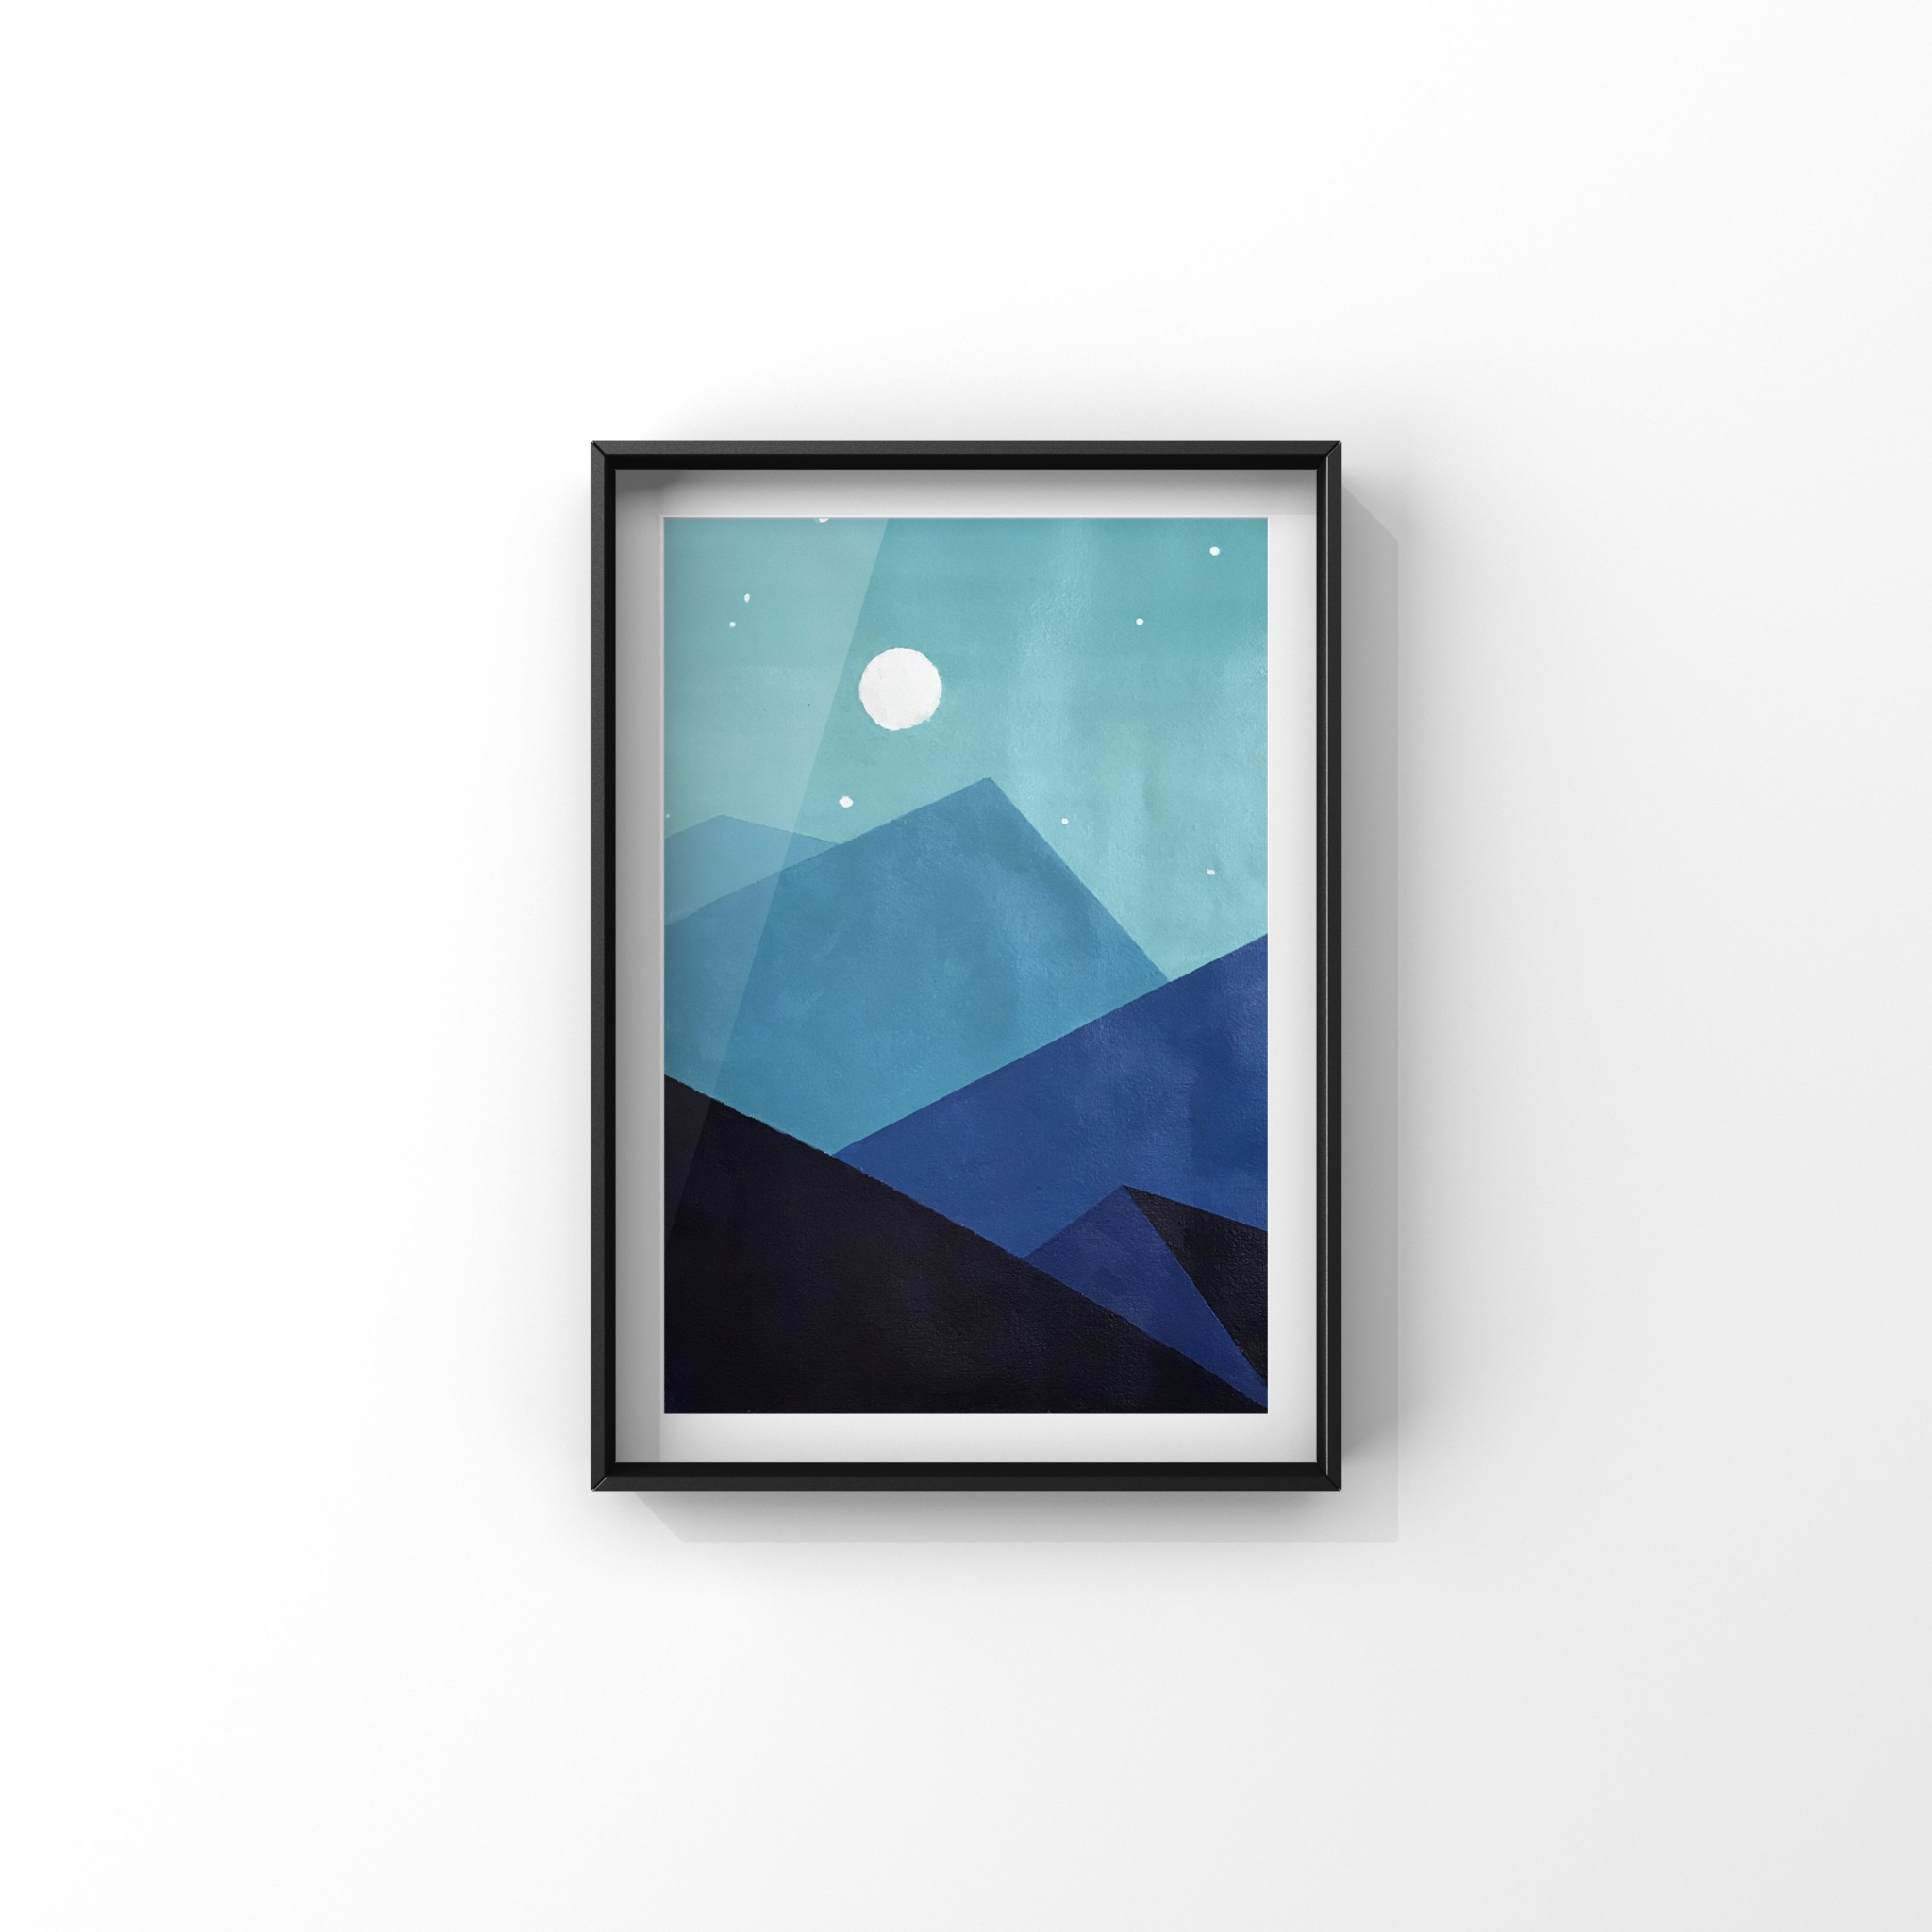 Lunar Mount Slider 2/4